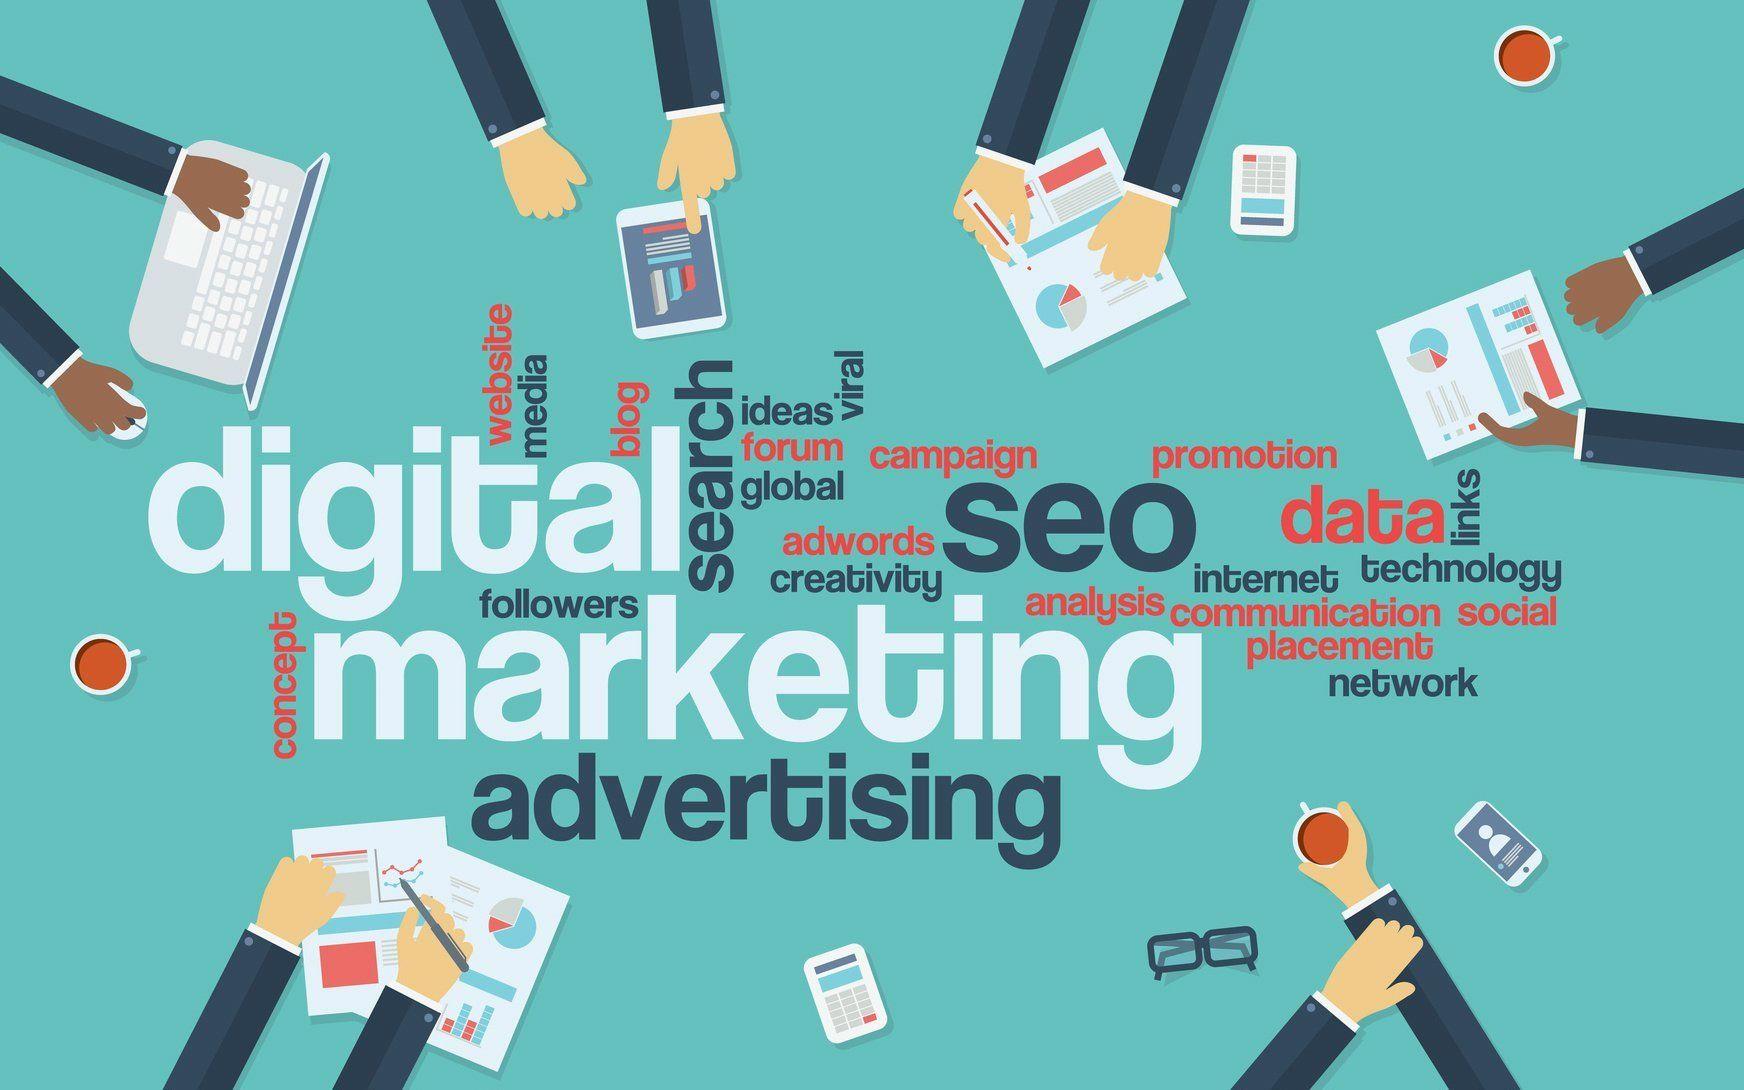 les-tendances-marketing-digital-vues-par-big-boss-f-digital-marketing